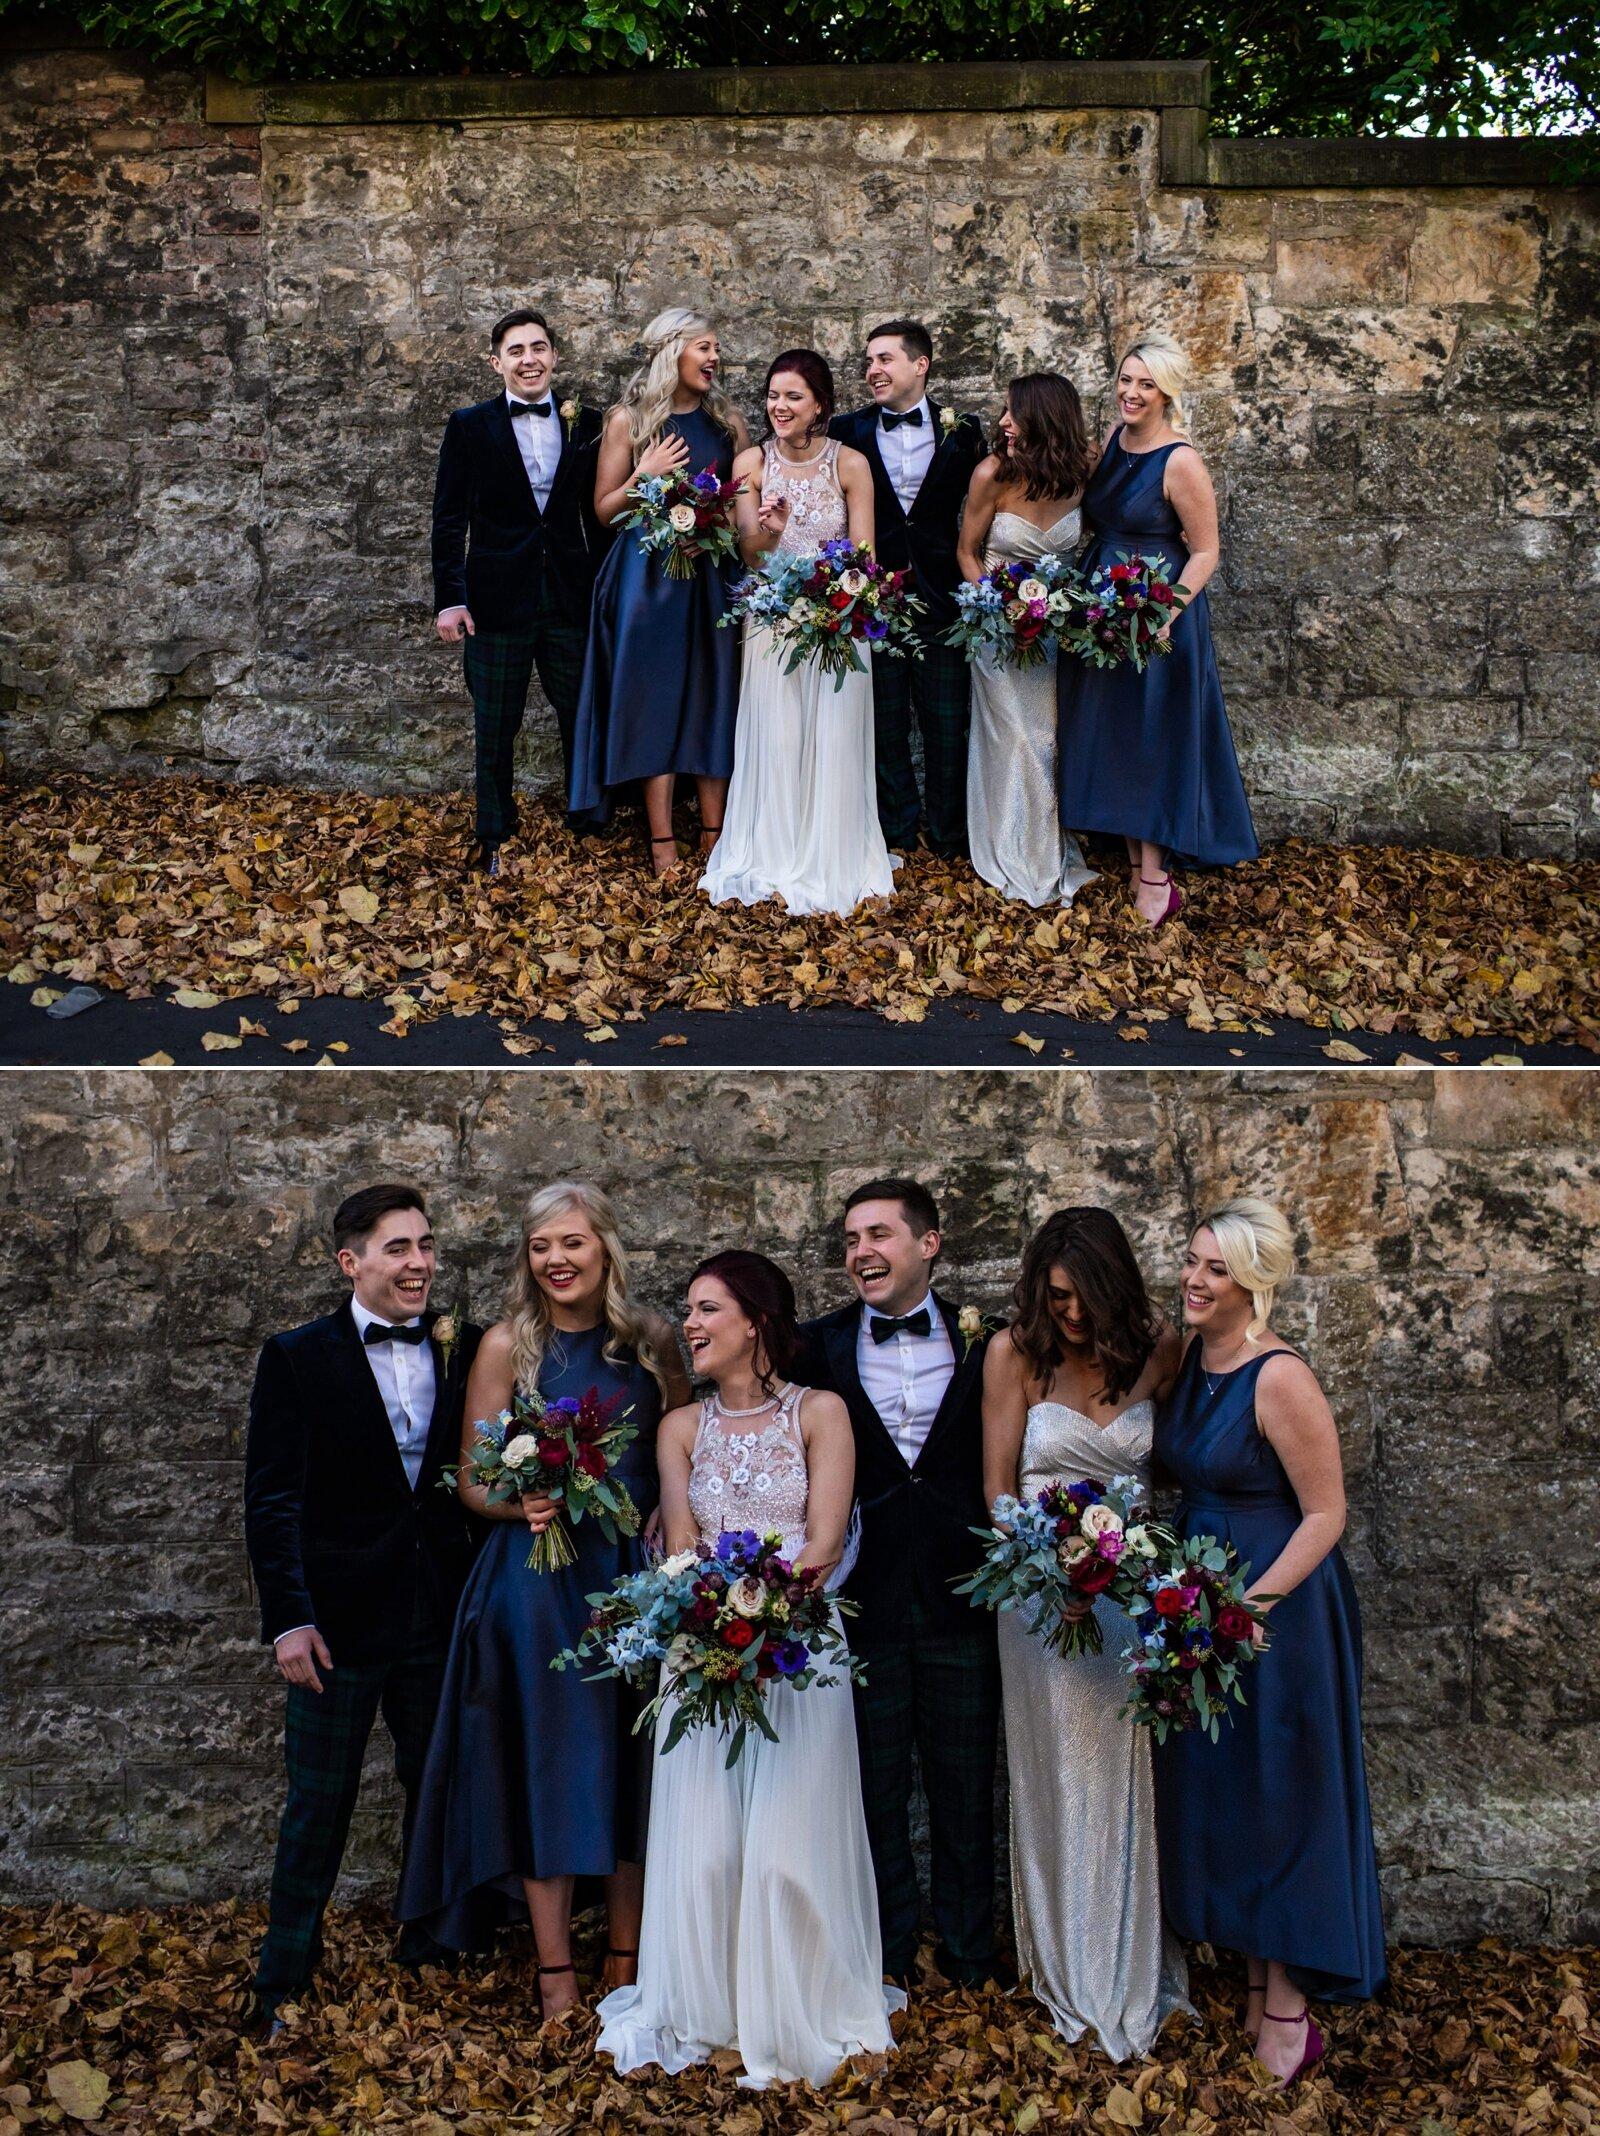 Andy&Szerdi-Photography_BridalParty_Elaine-Stephen-1.jpg